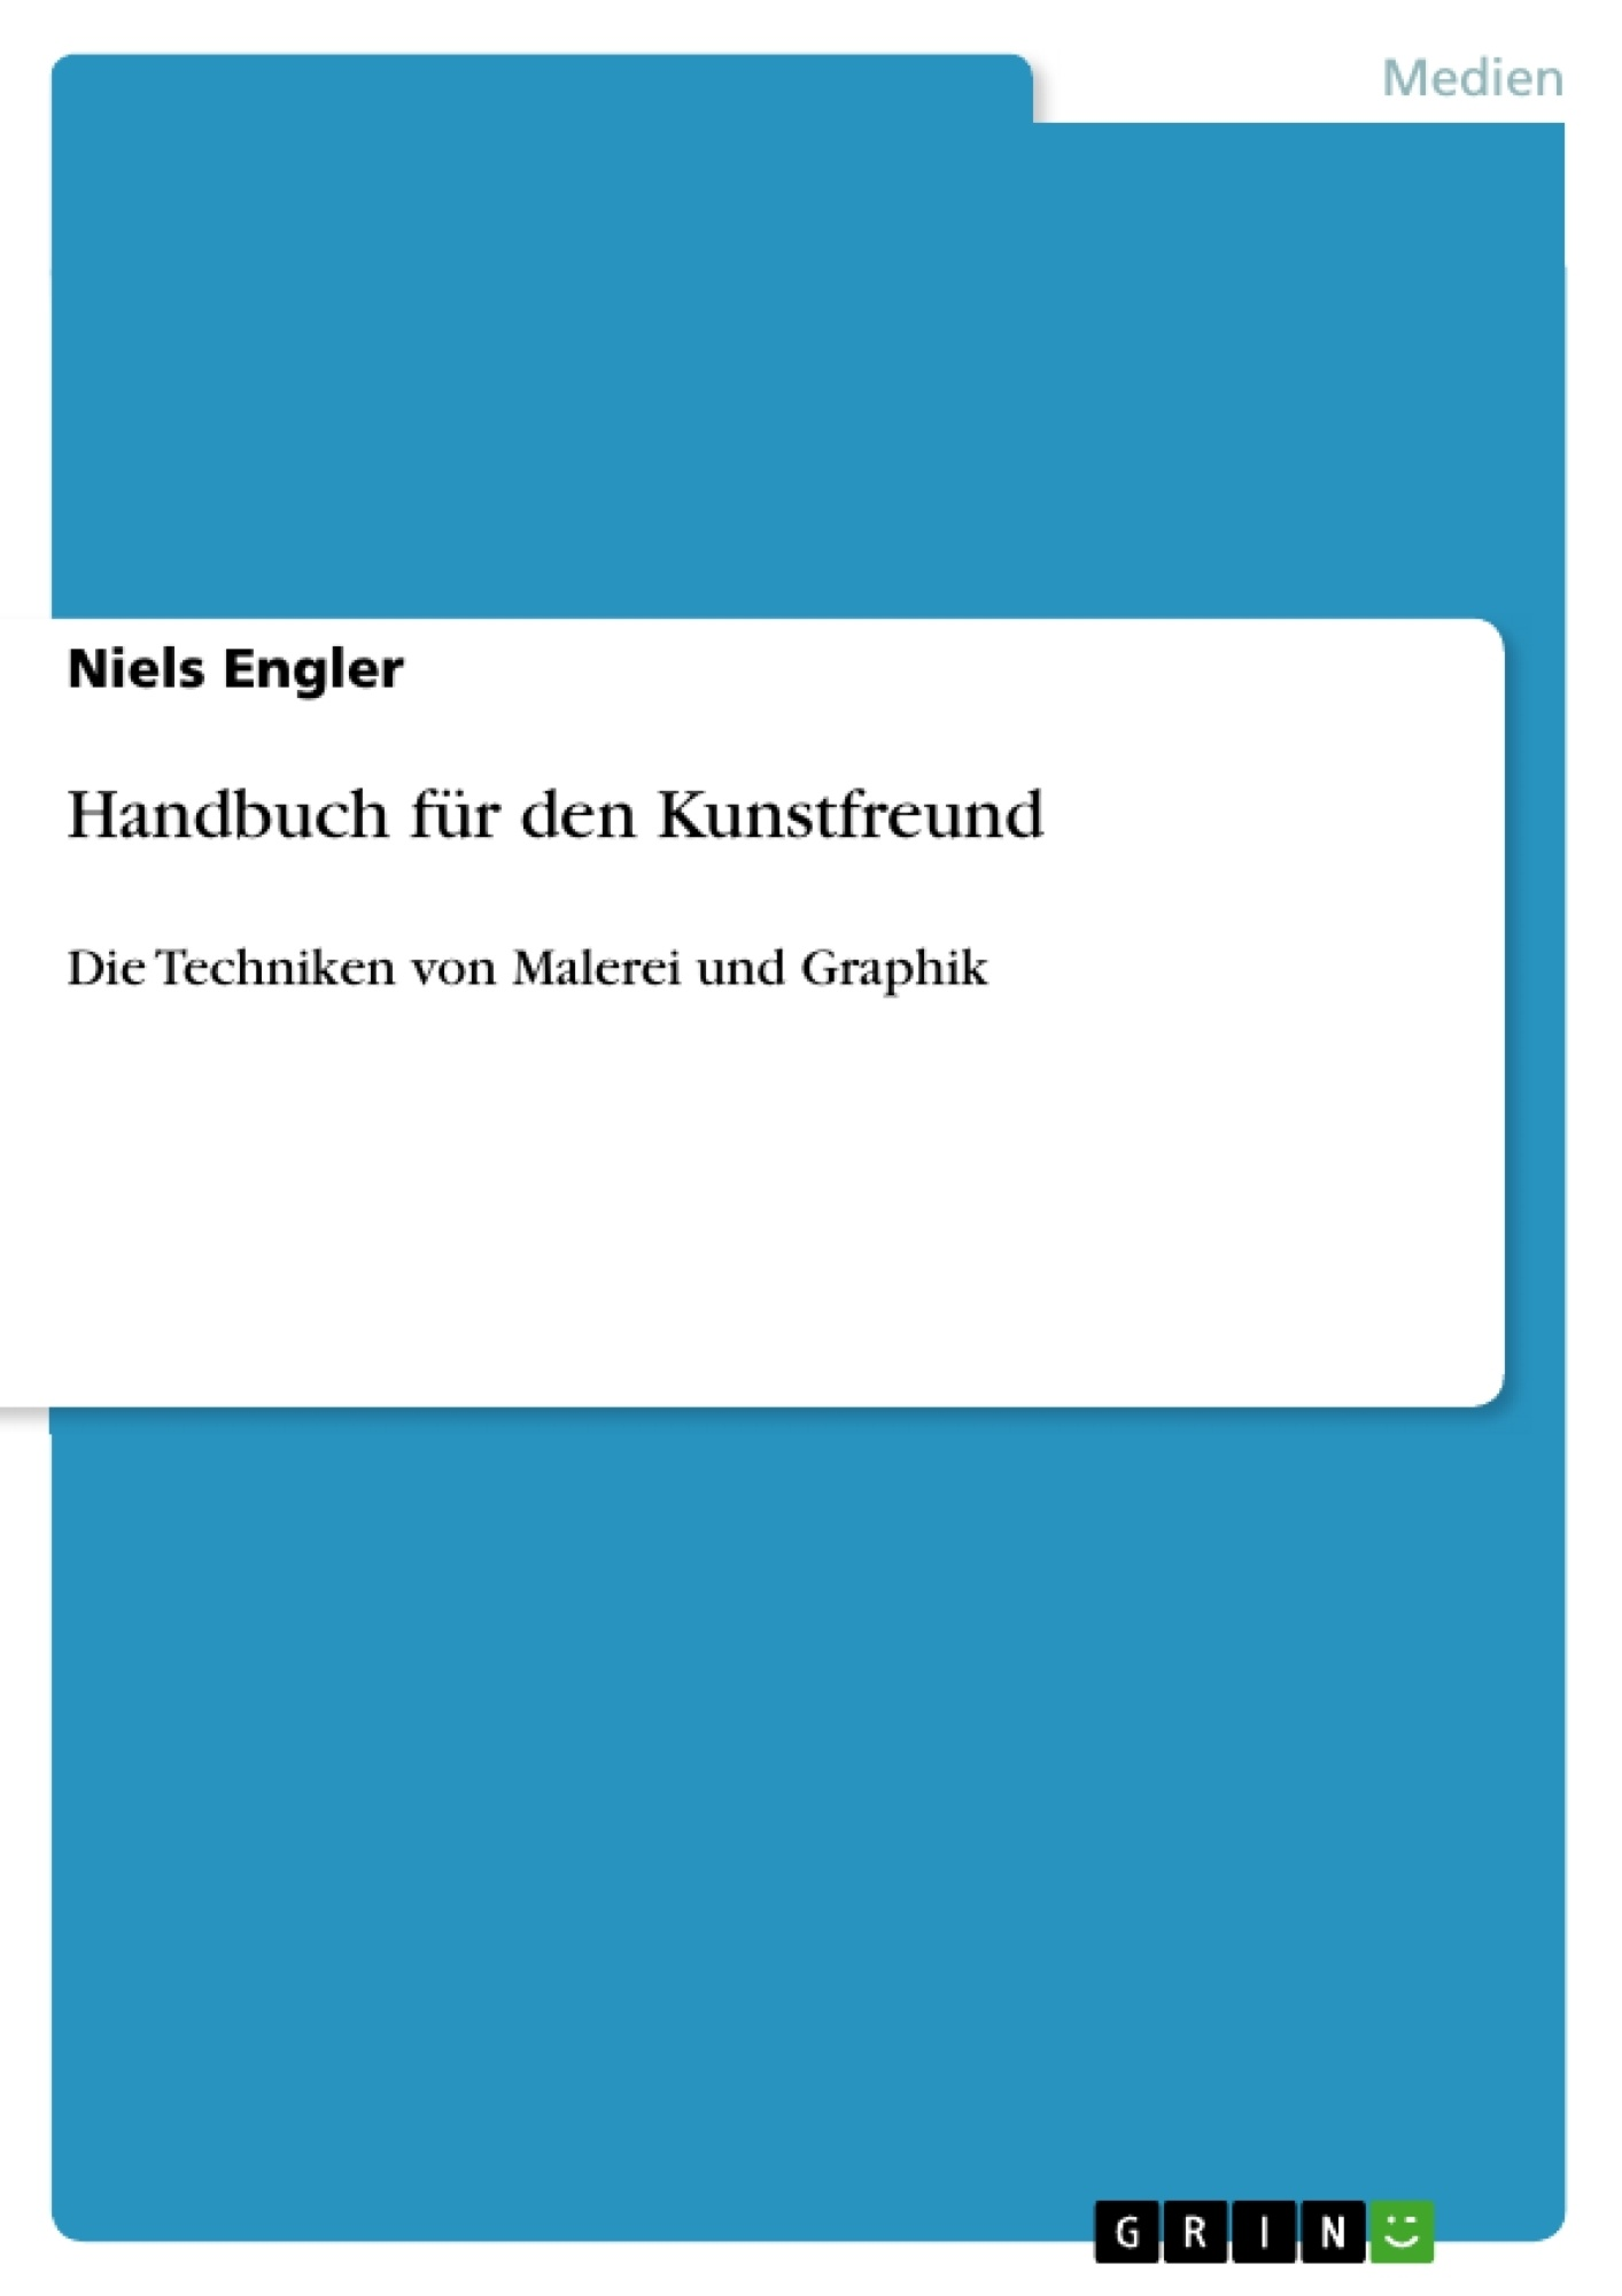 Titel: Handbuch für den Kunstfreund